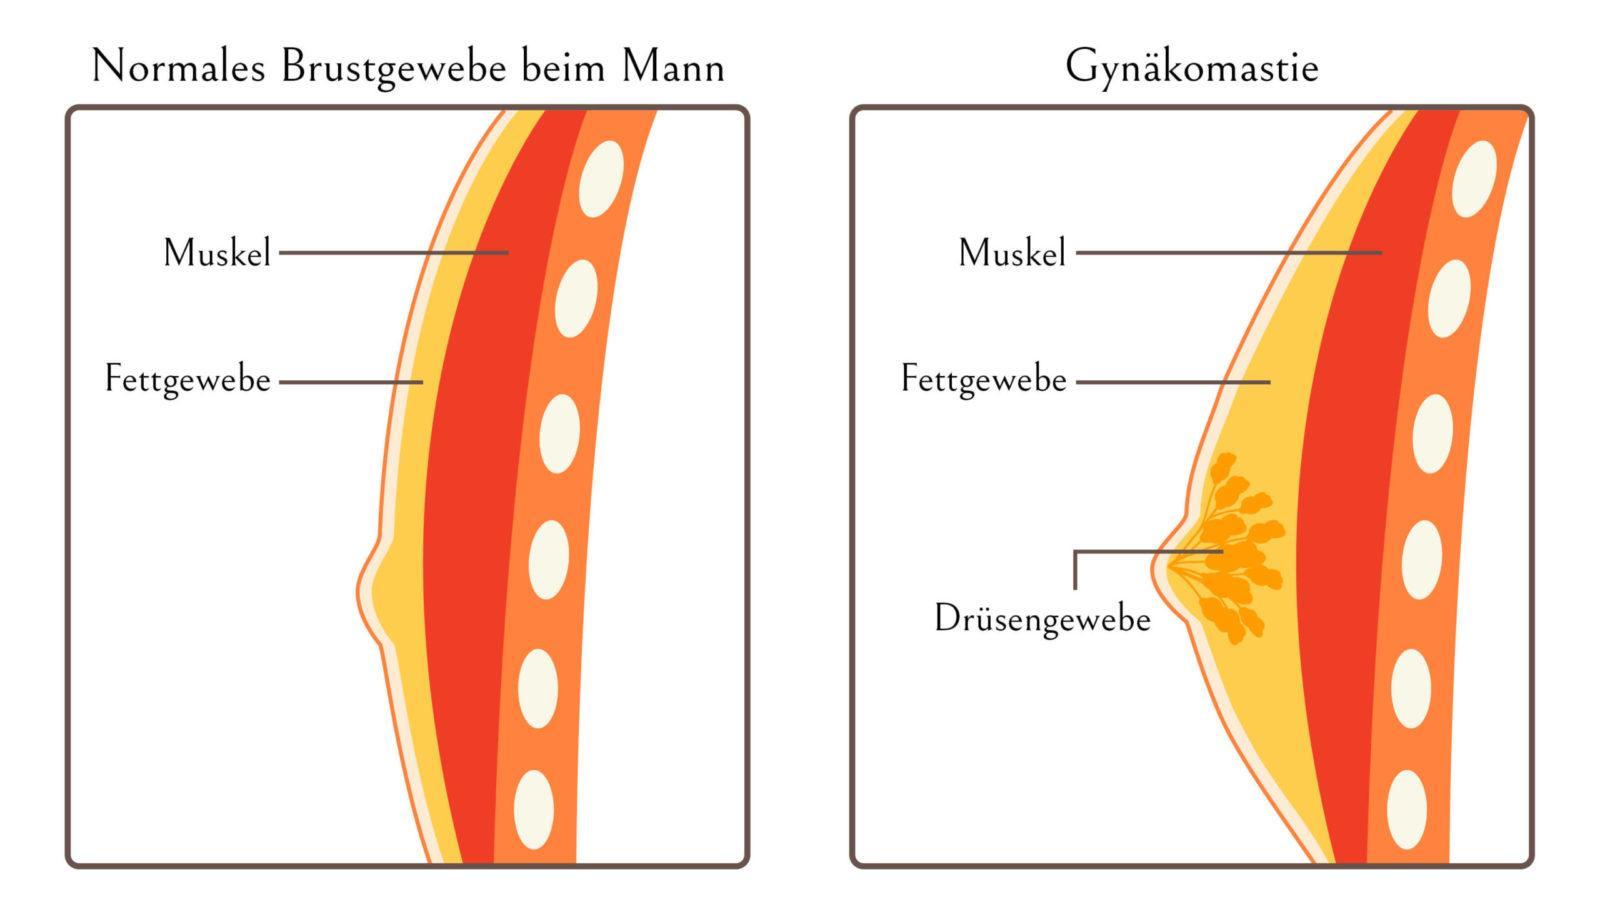 anatomisches Bild einer Brust mit Knochen-, Muskel-, Fett- und Drüsengewebe